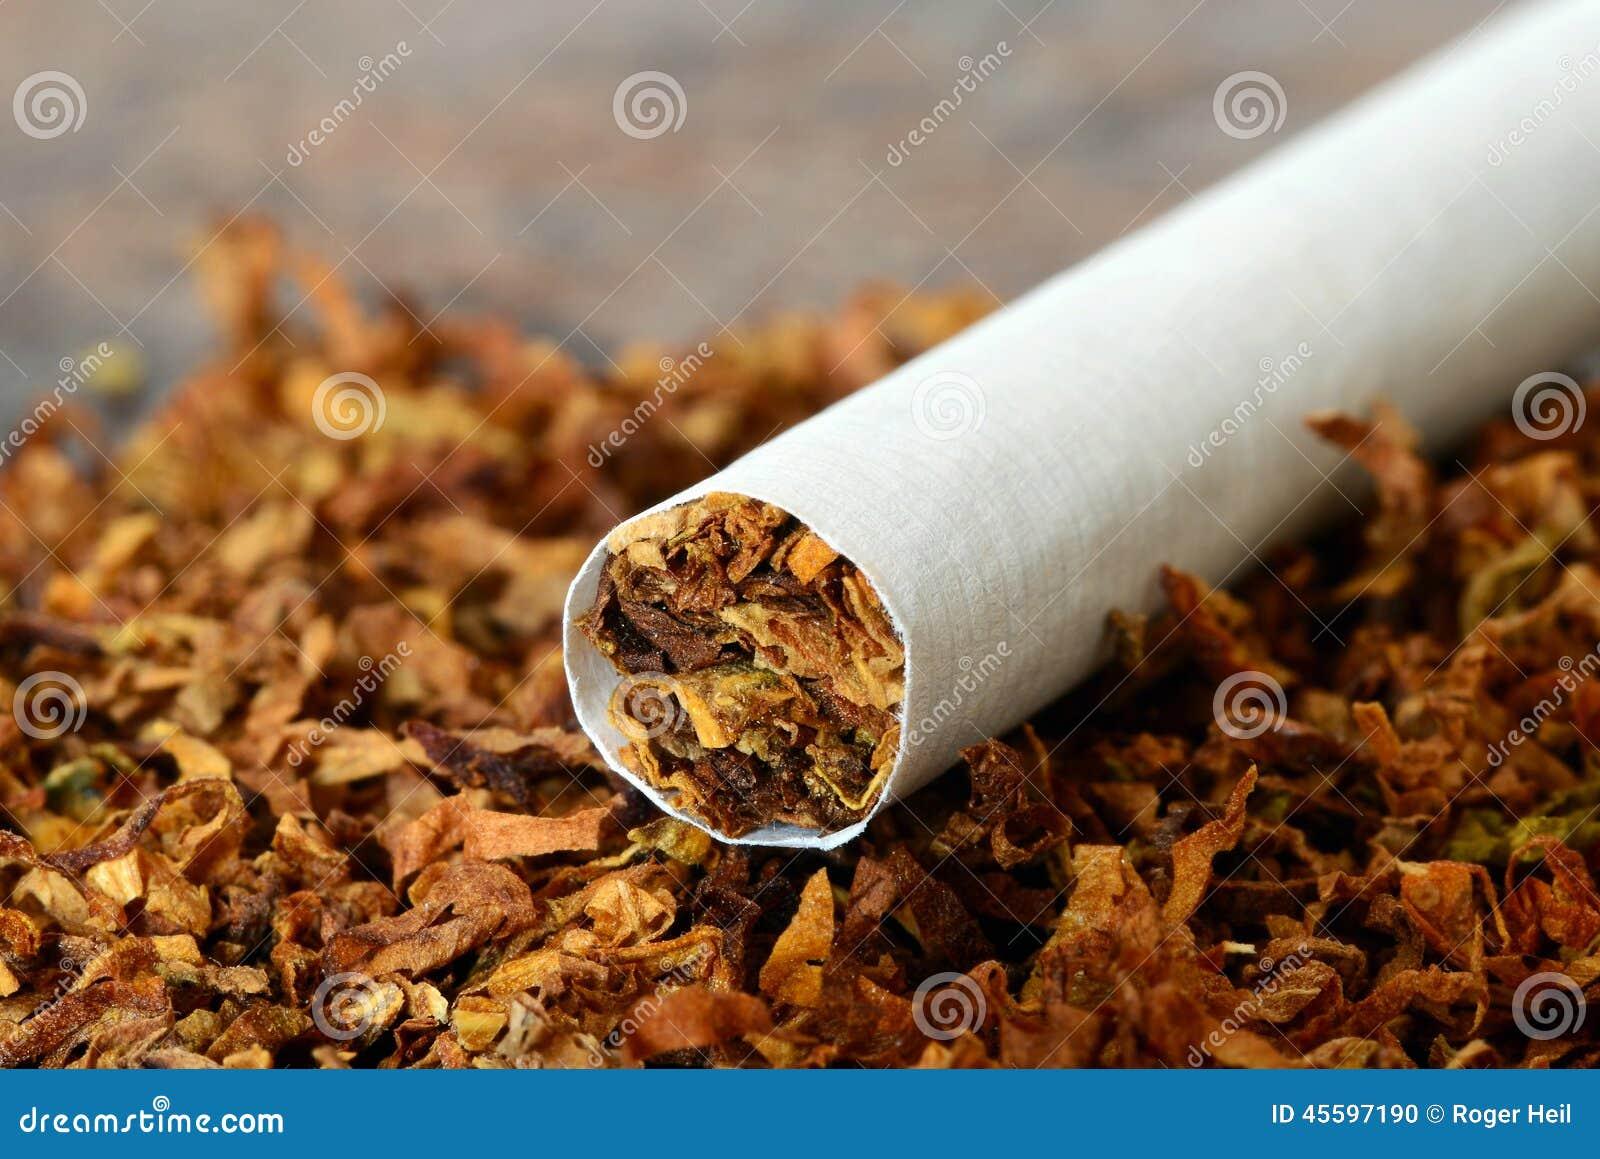 zigarette tabak stockfoto bild von hilfsmittel chemikalie 45597190. Black Bedroom Furniture Sets. Home Design Ideas